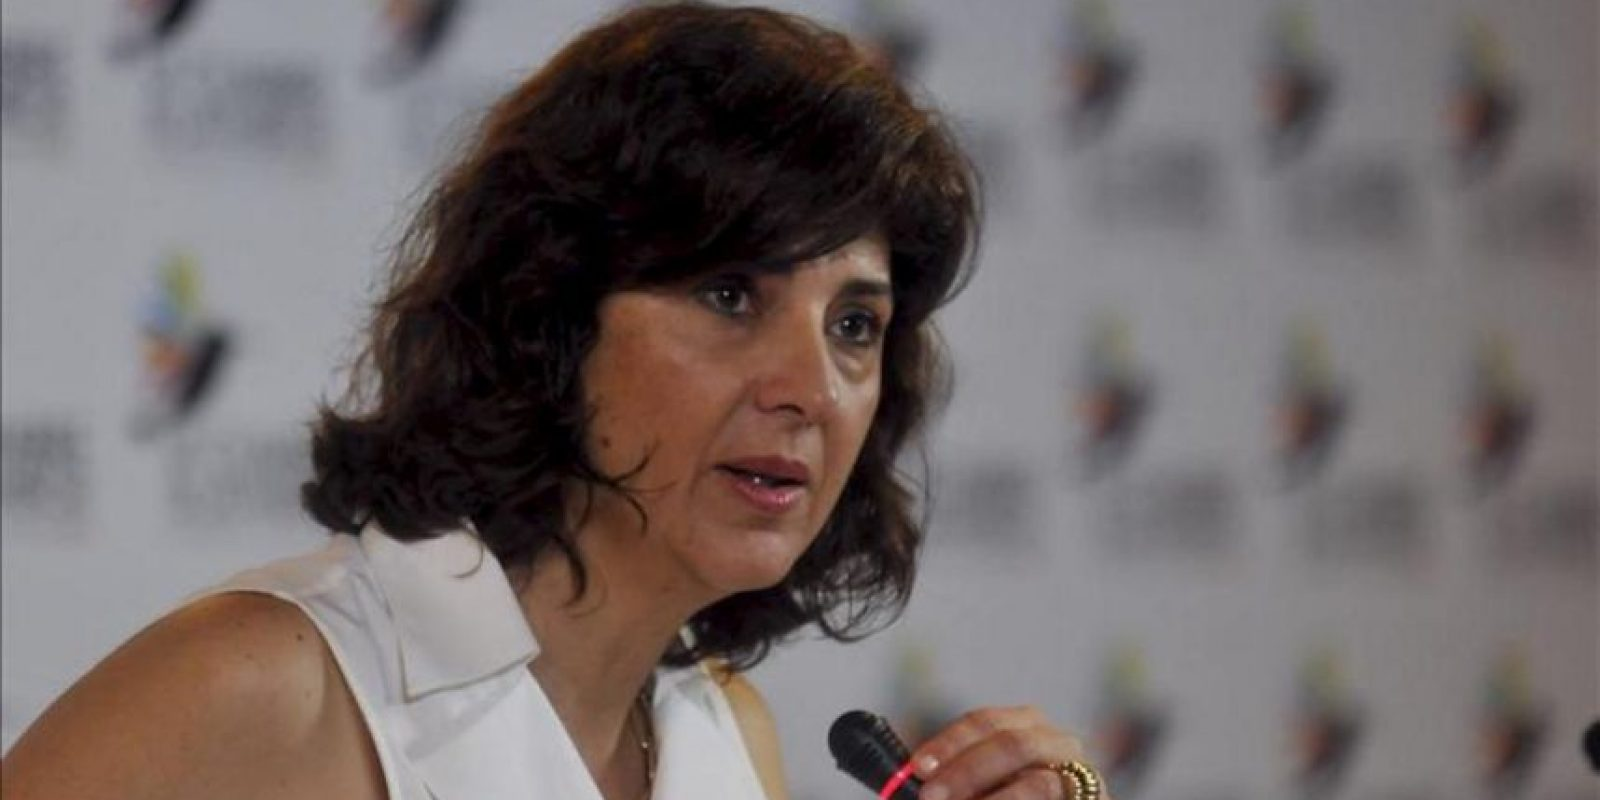 La canciller de Colombia, María Angela Holguín, habla este 16 de abril, en una conferencia de prensa en Cartagena de Indias (Colombia) para entregar un balance de la VI Cumbre de las Américas que se realizó en la ciudad. EFE